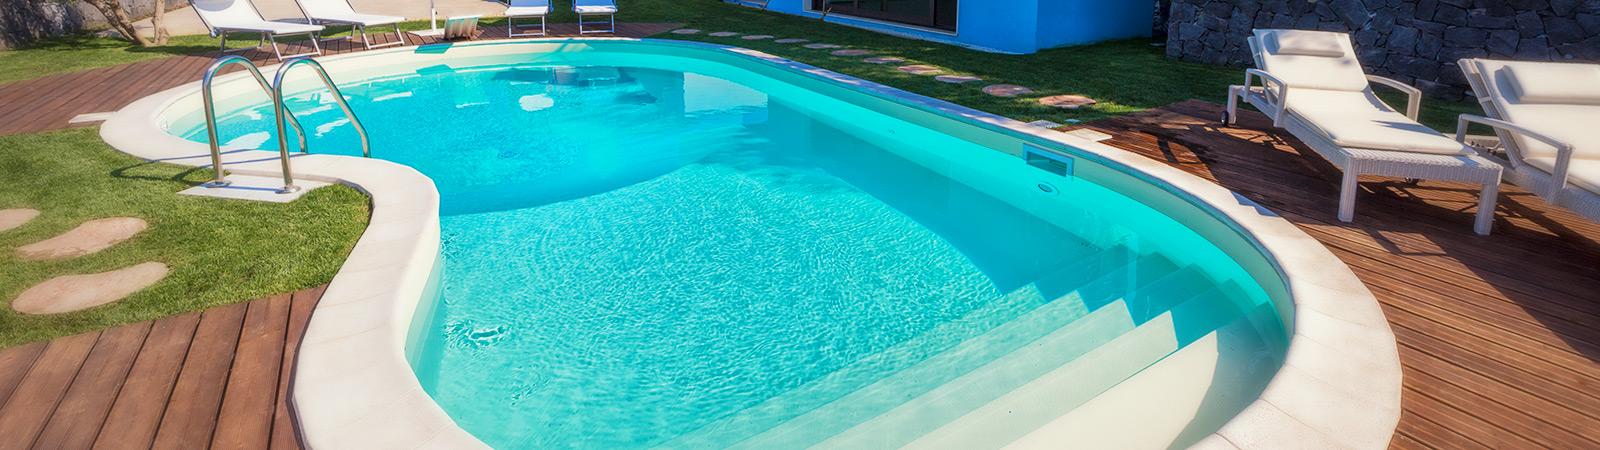 Piscine castiglione costruzione piscine interrate dal 1961 - Foto di piscine interrate ...